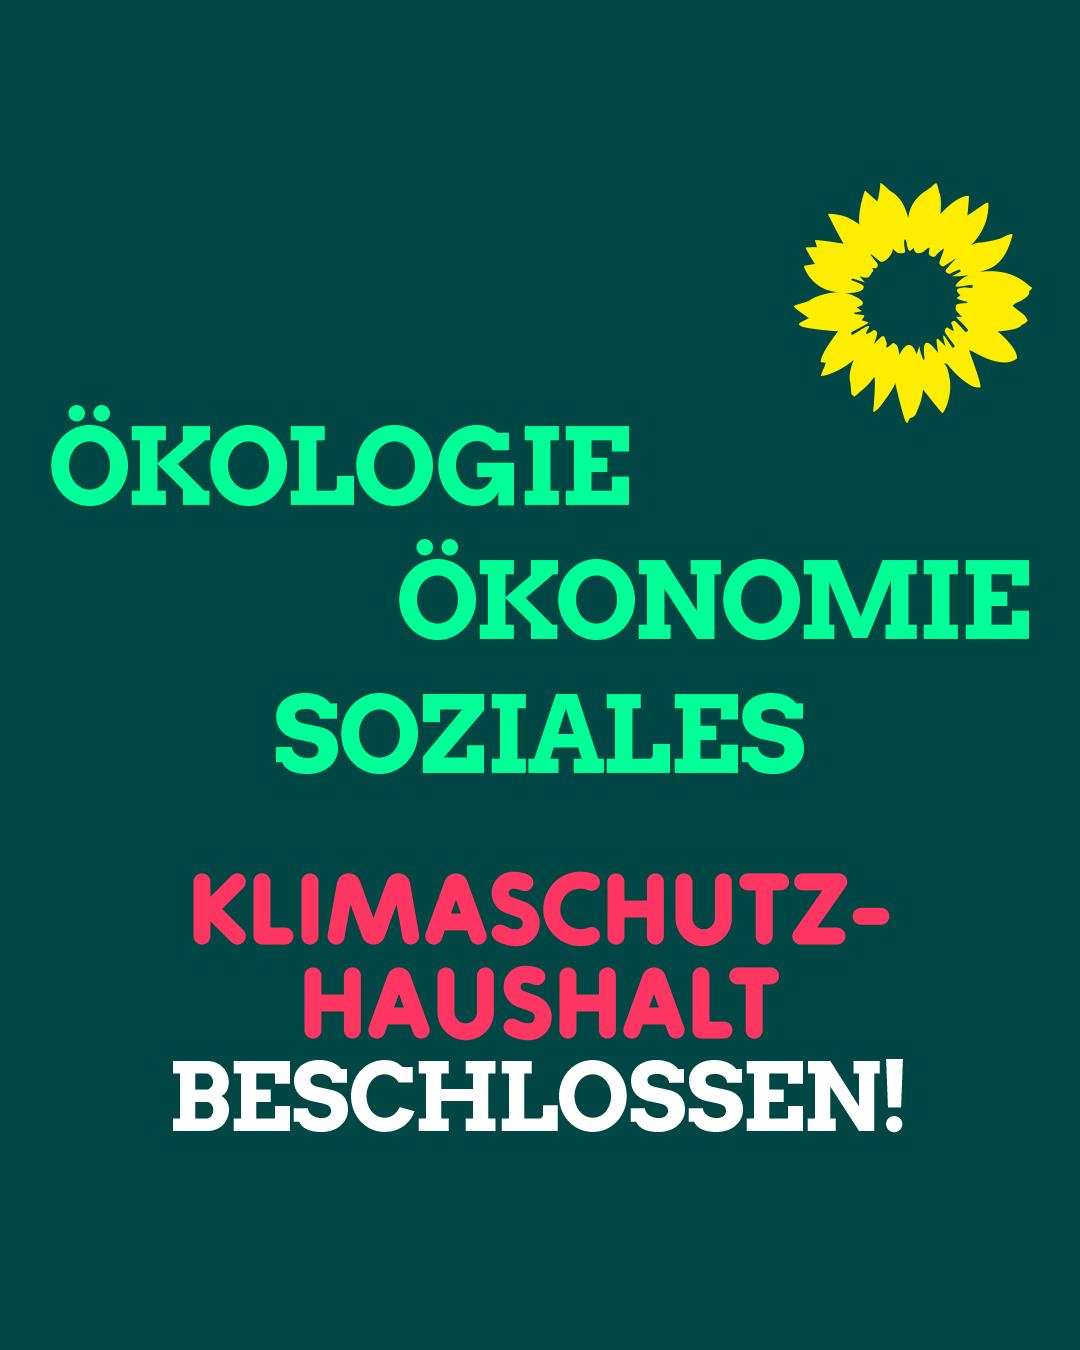 GRUENE-HD_Klimaschutzkampagne-2021_S-M_Klimaschutzhaushalt-03_21_06_rz